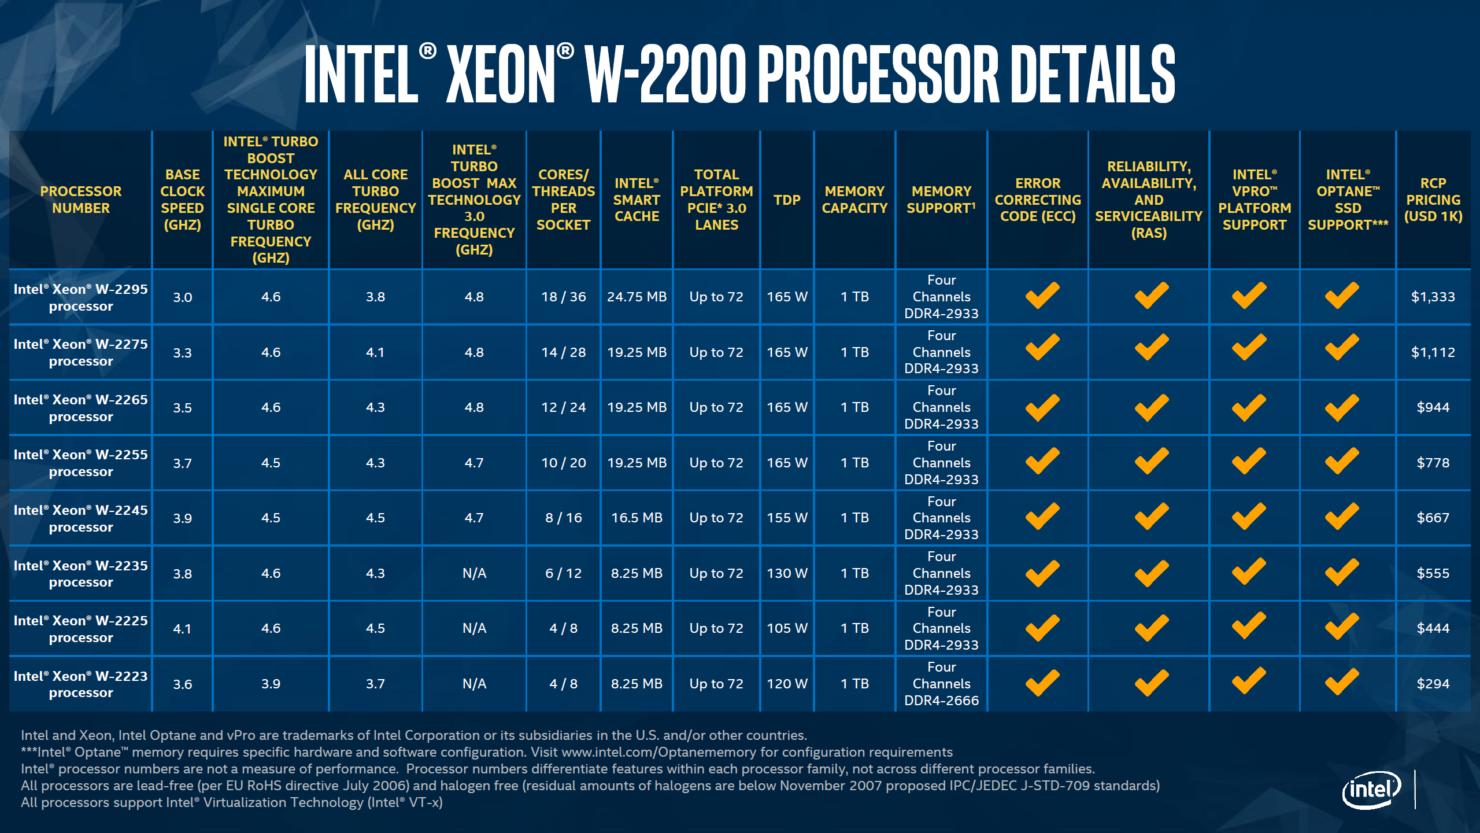 intel-xeon-w-2200-series-processors